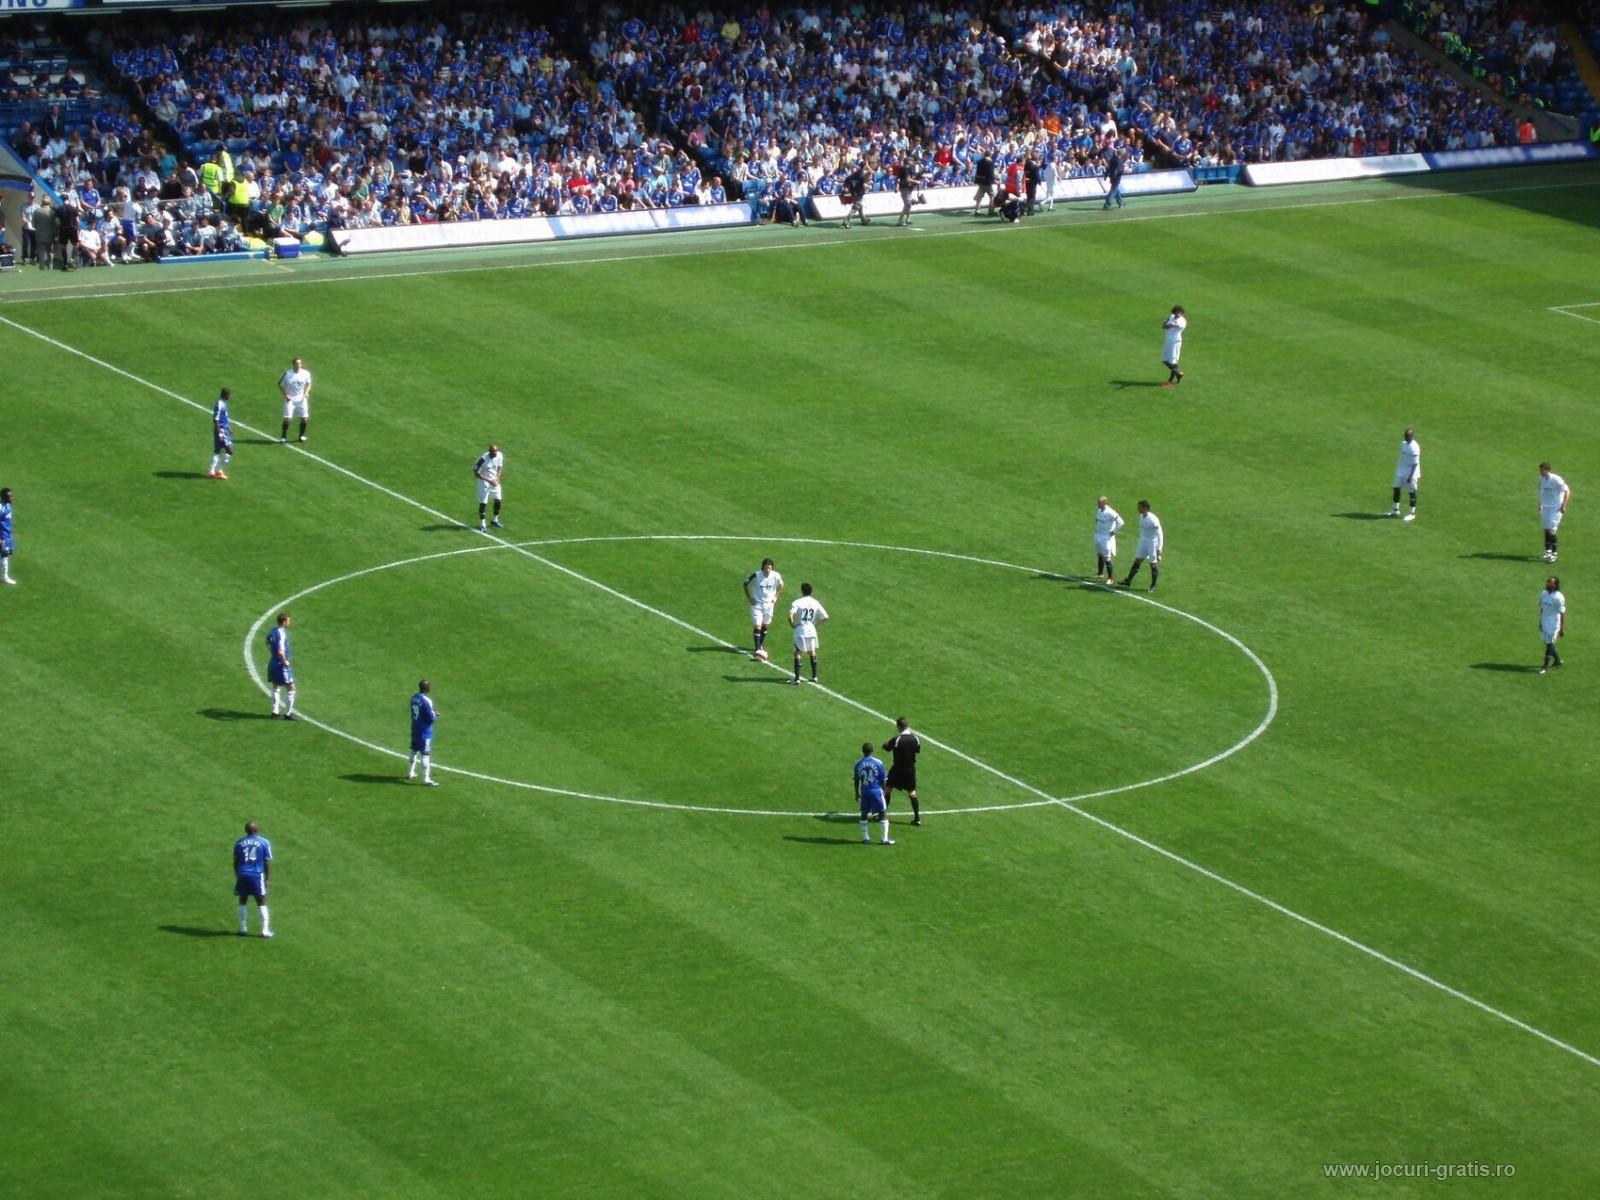 Zdf.De Sport Fußball